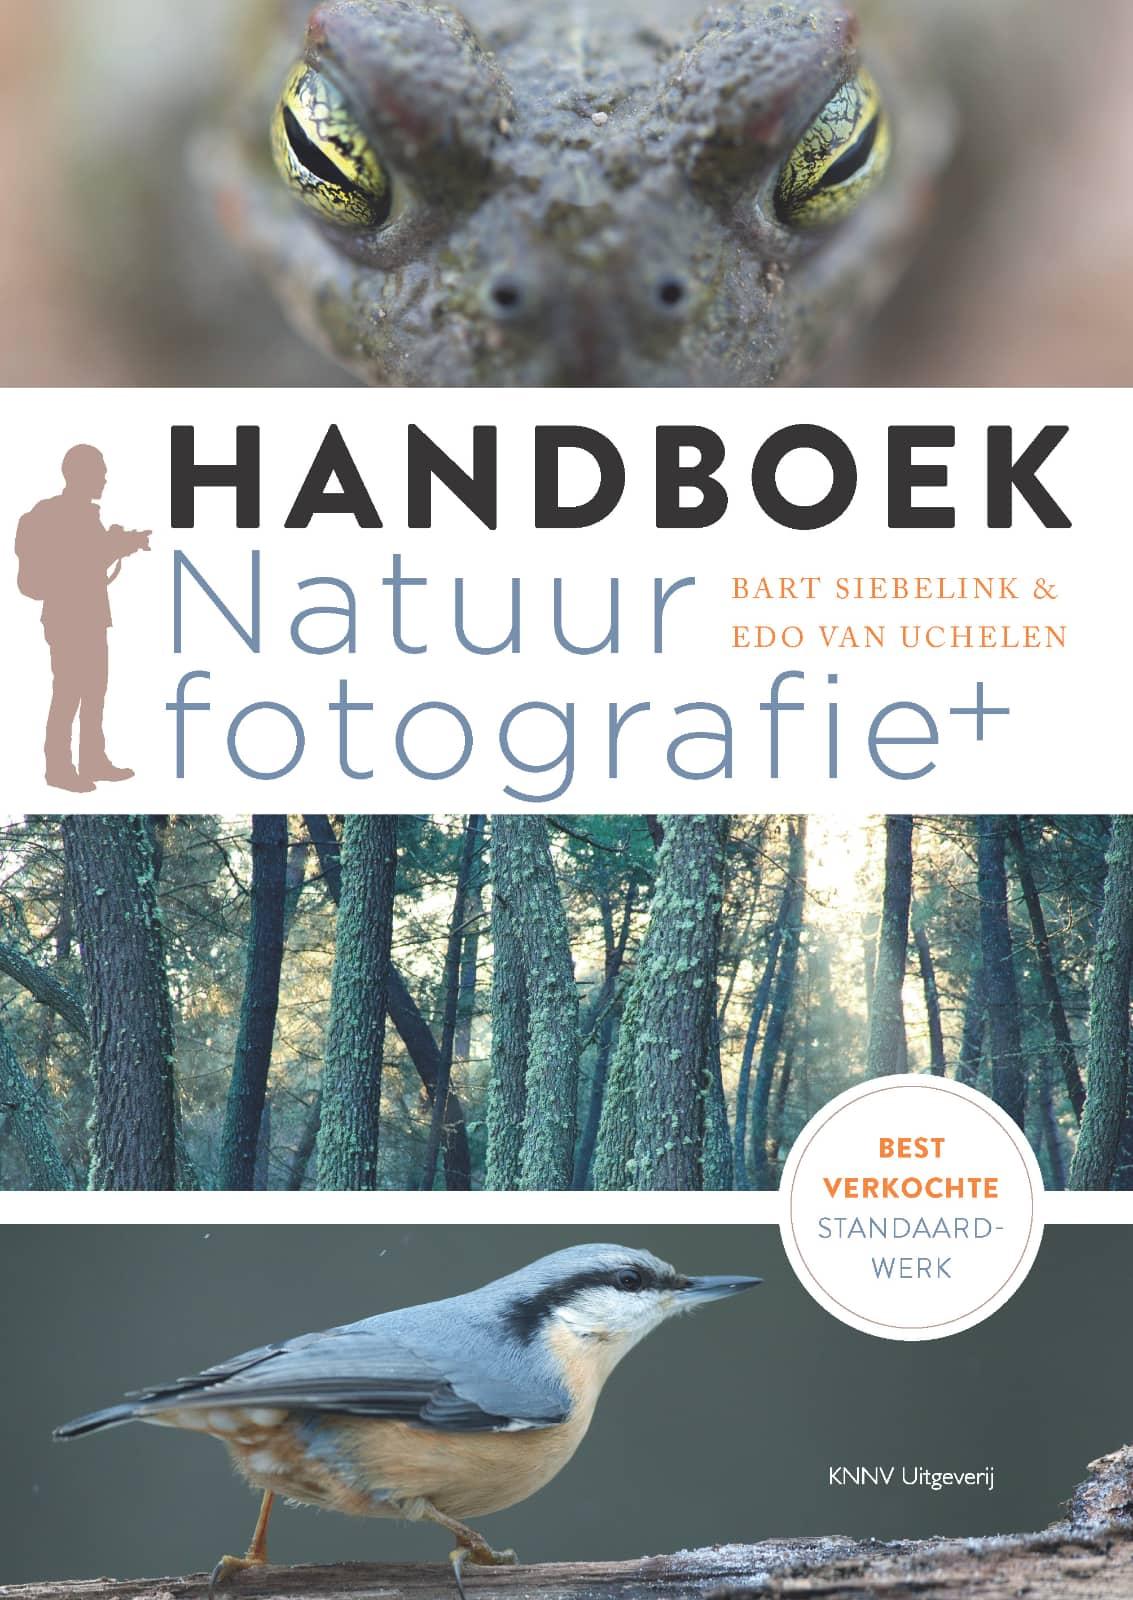 Handboek natuurfotografie, Bart Siebelink & Edo van Uchelen, isbn 9789050116527